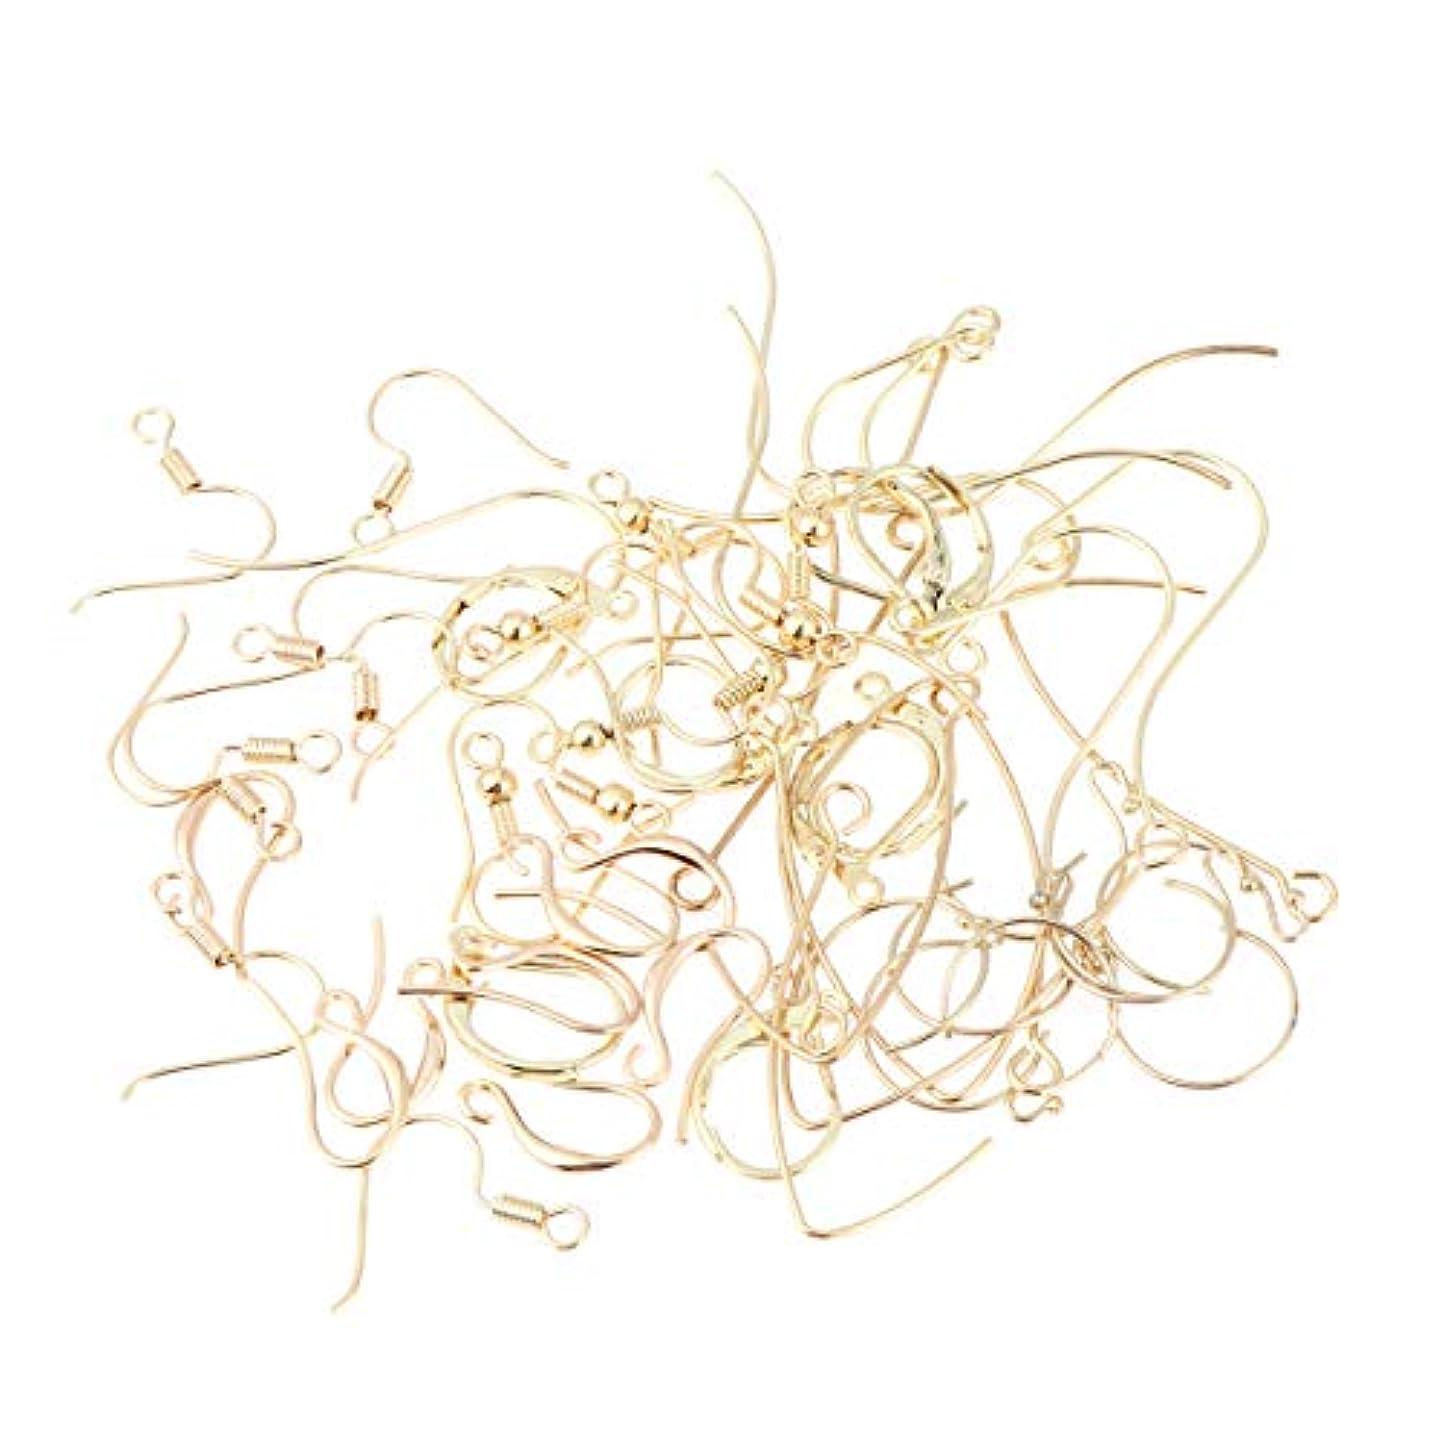 情熱的廃止電極Healifty 56個 イヤリング フック イヤワイヤー ボールコイル diy工芸品 ジュエリー